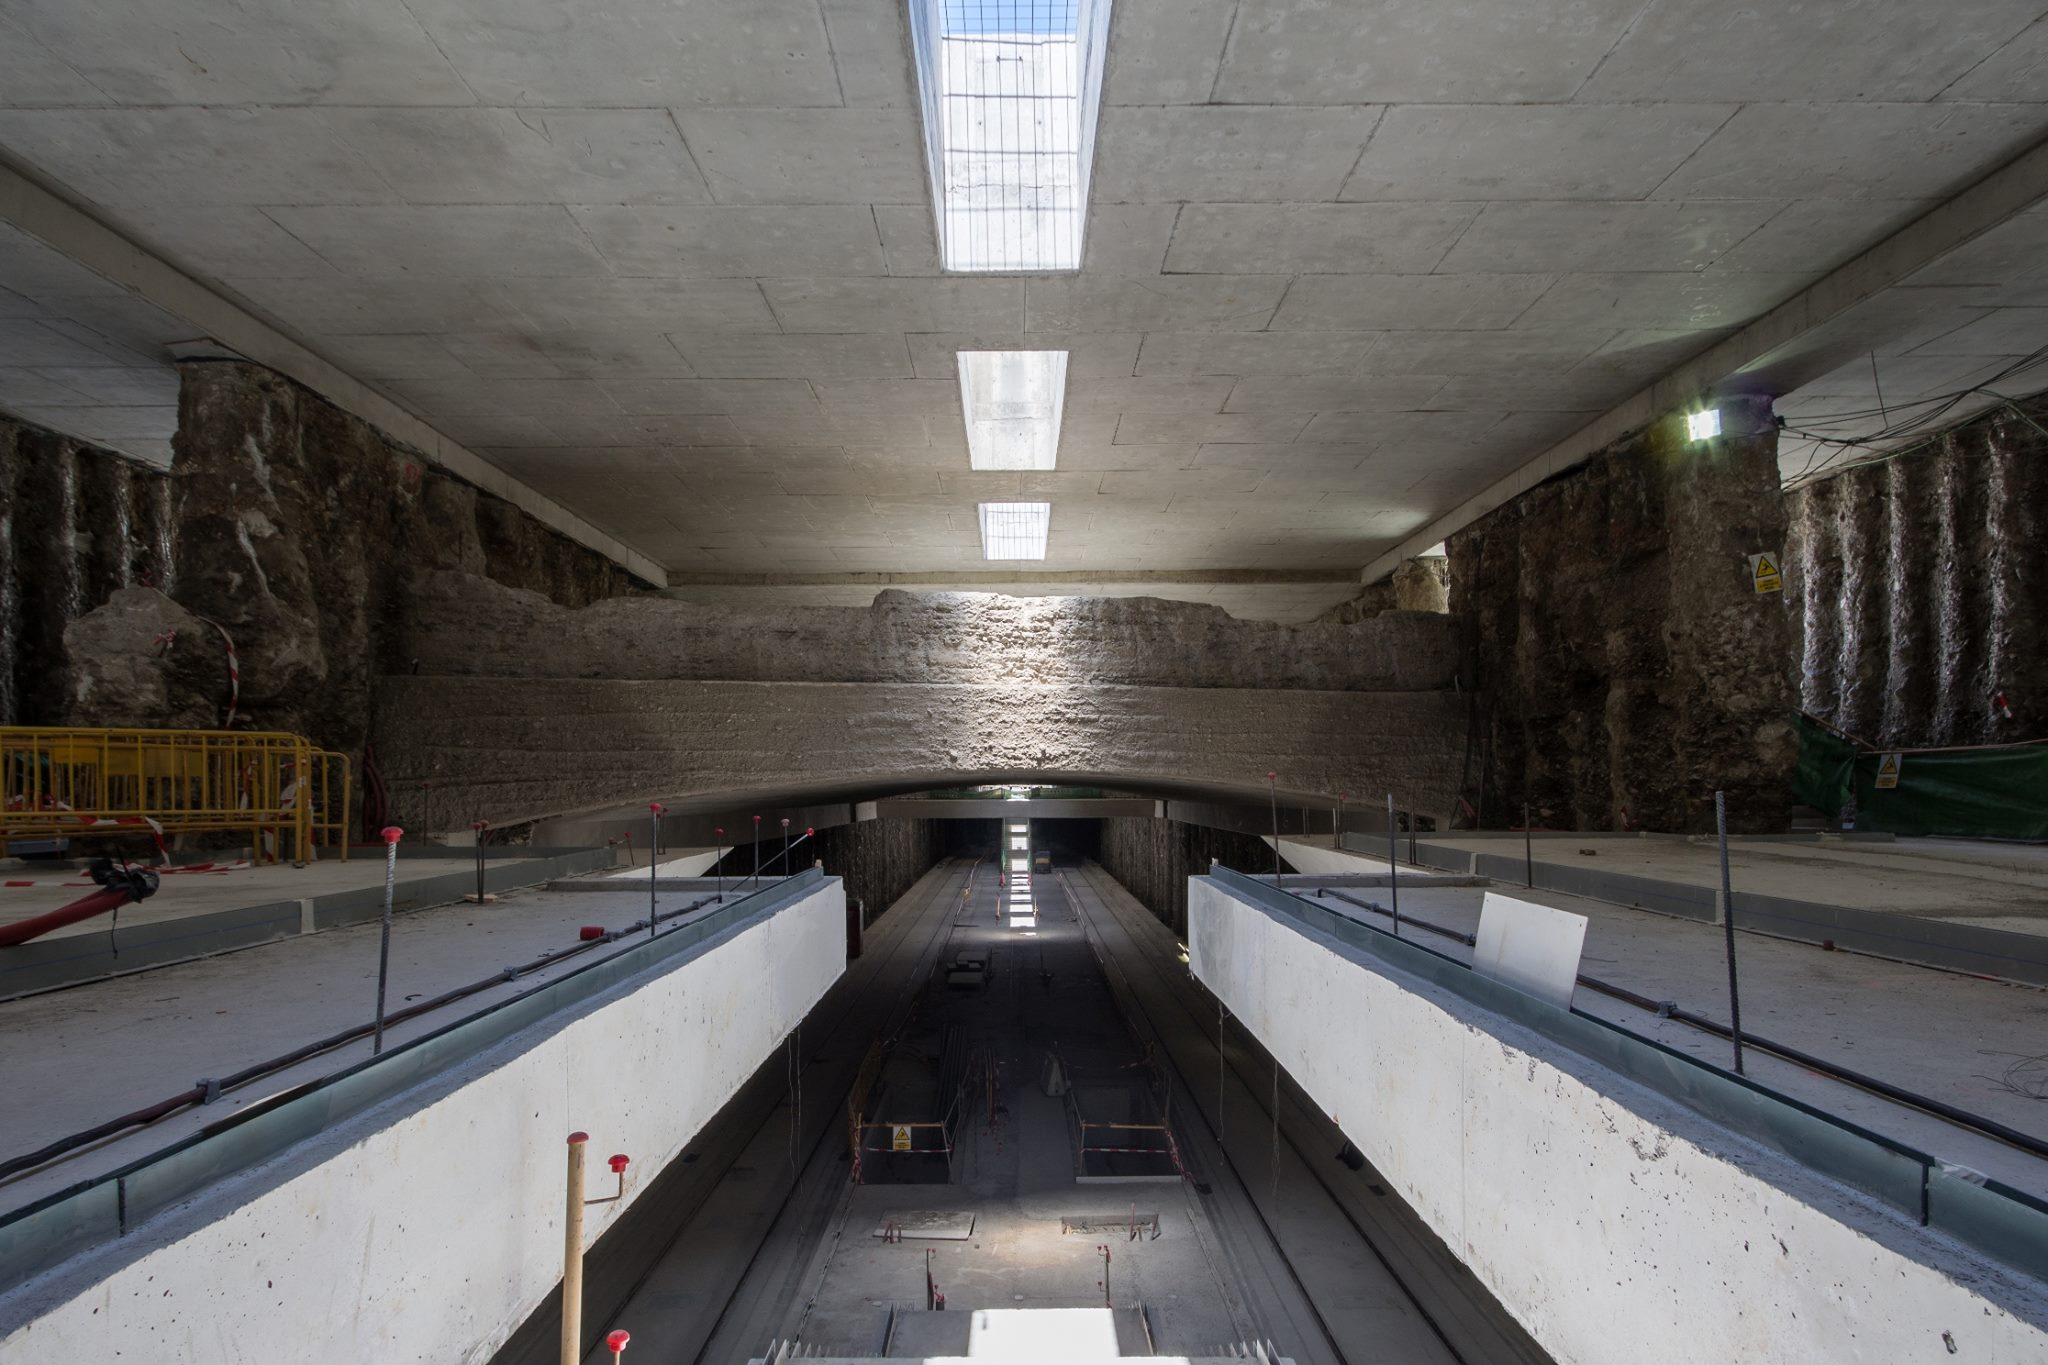 Estación de metro de Alcázar Genil.